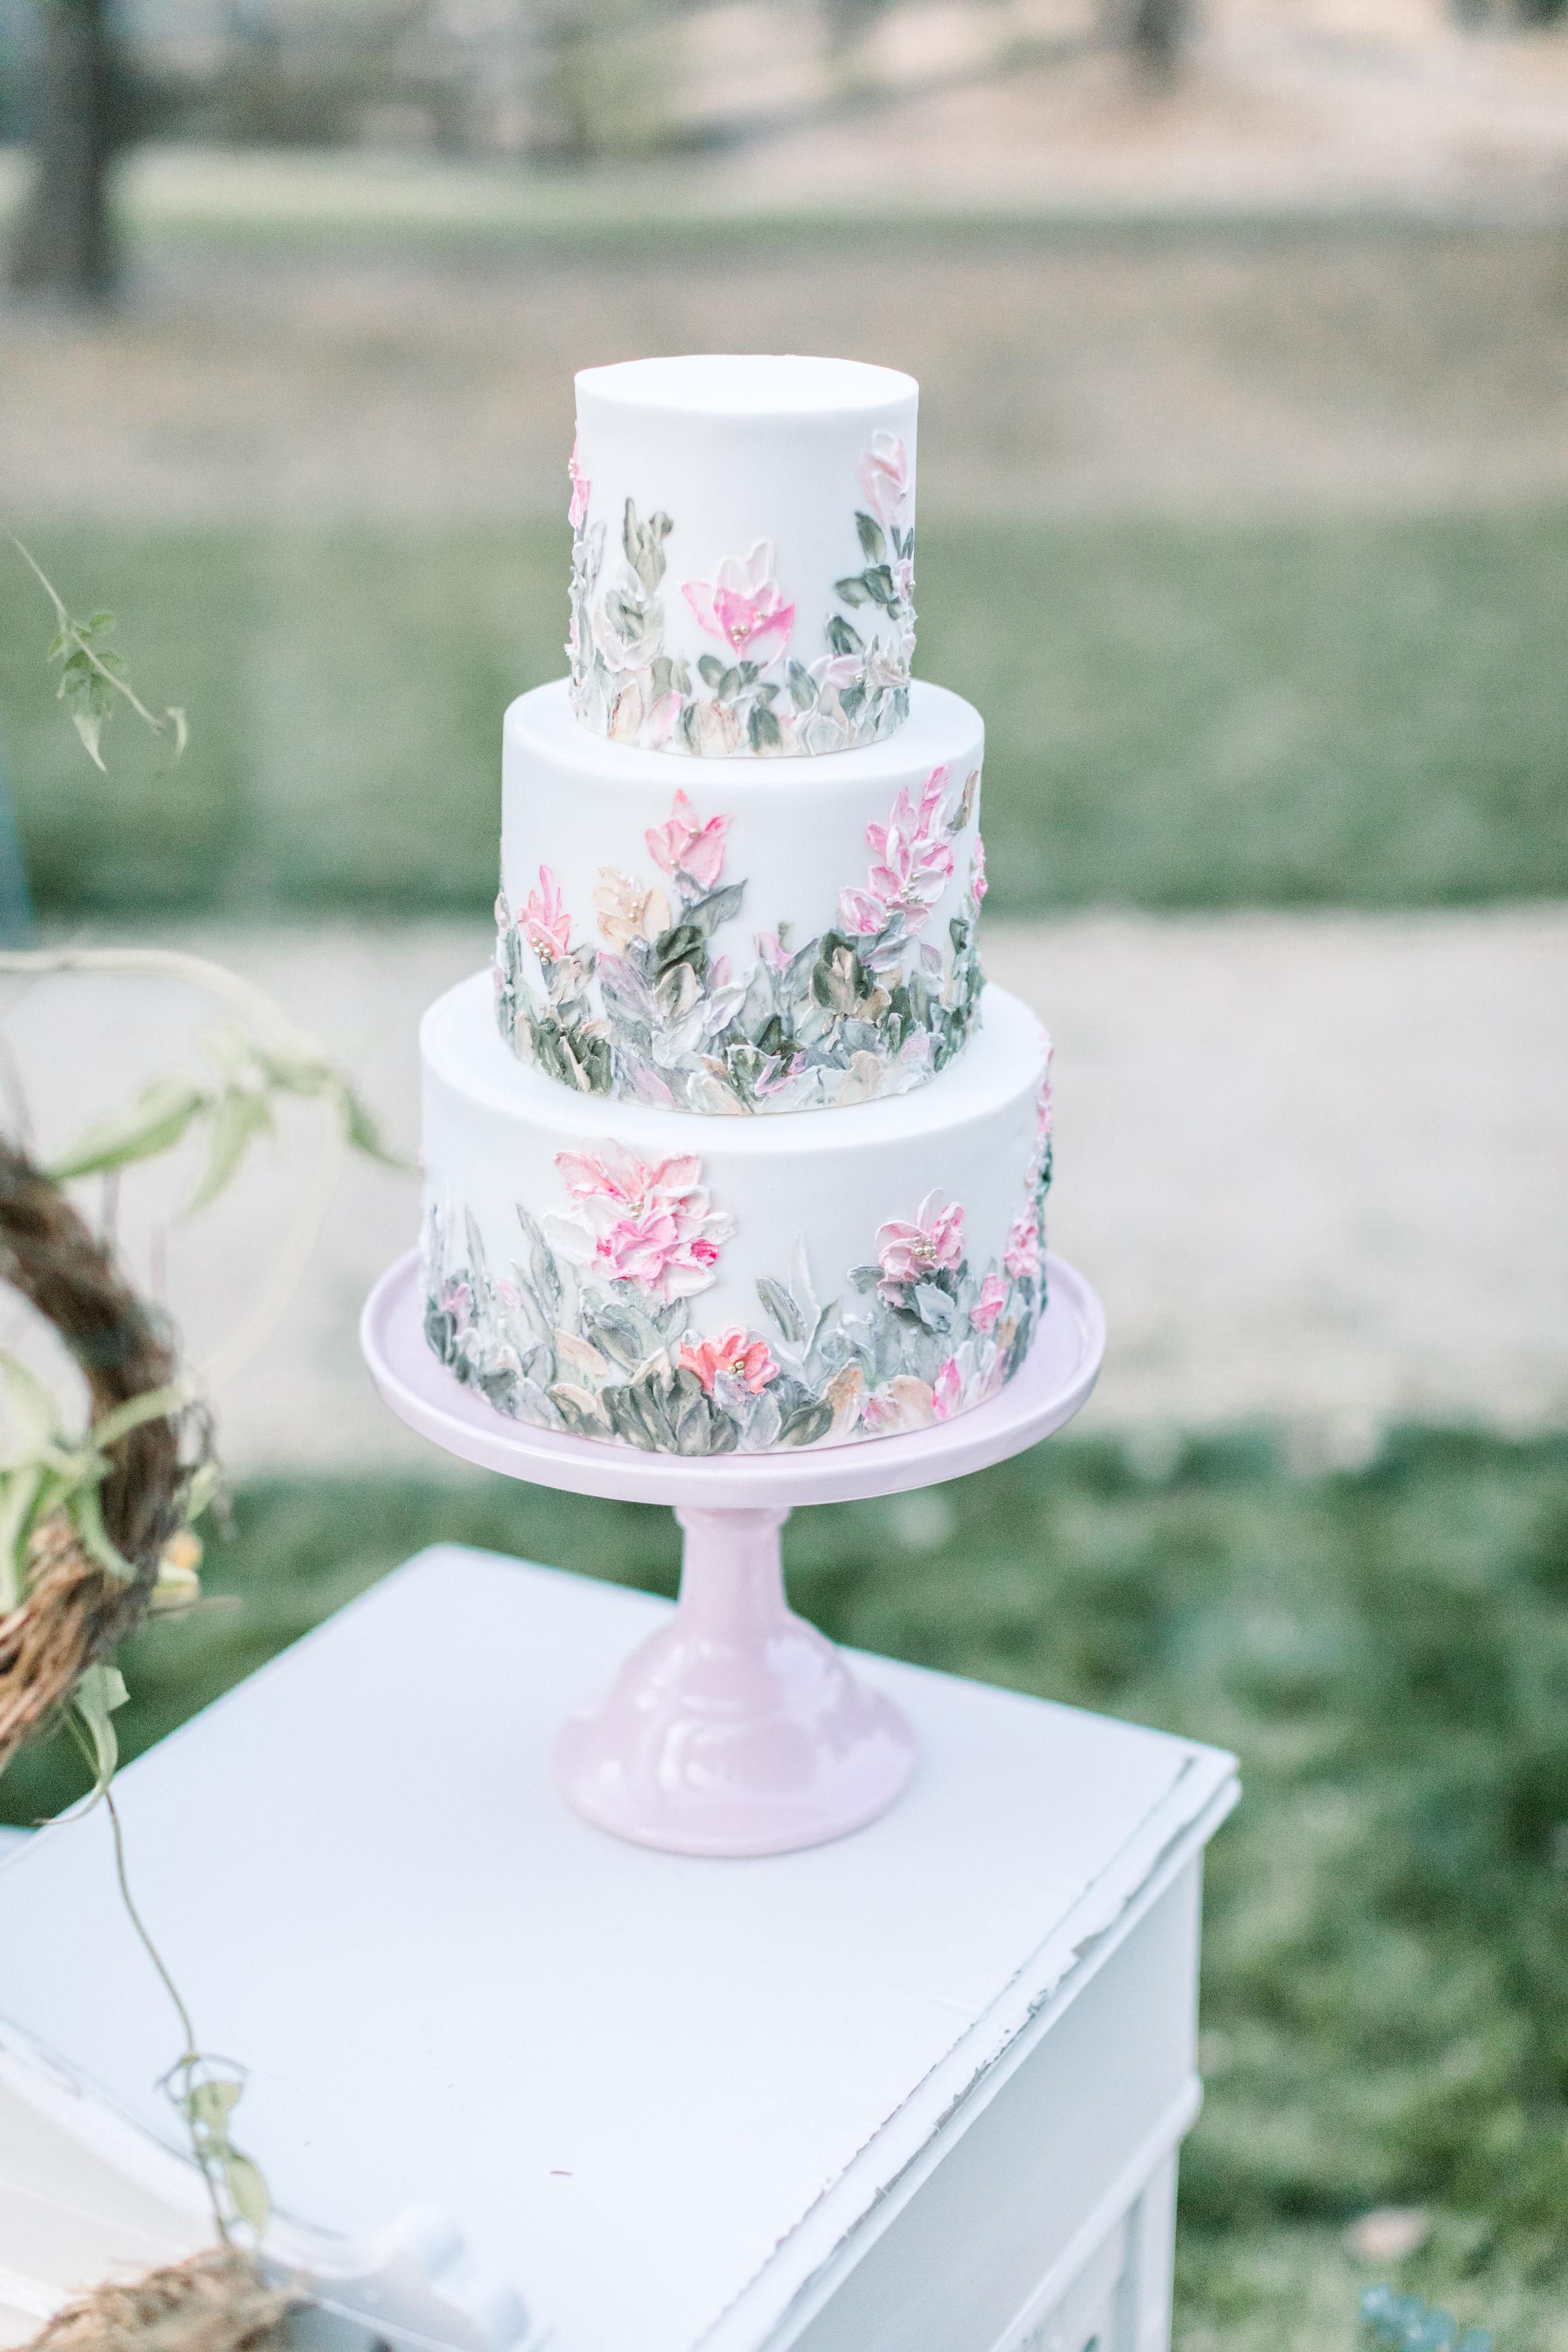 Pink Wedding cake on a pink pedestal cake plate.